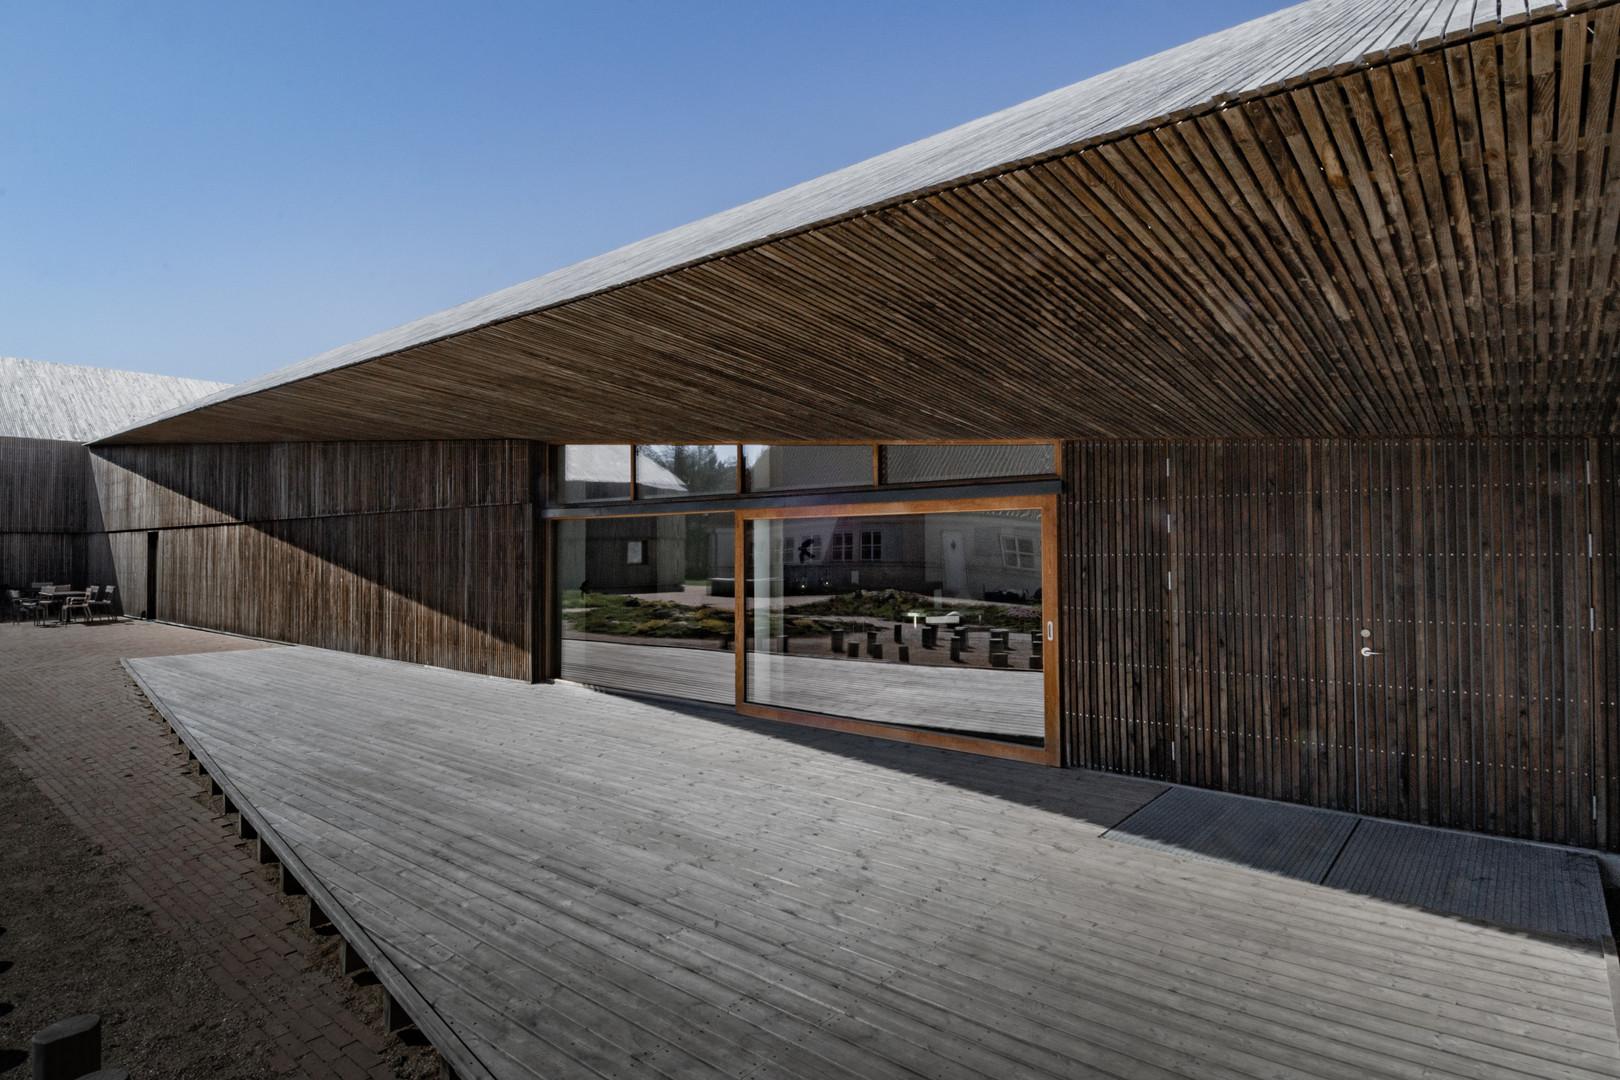 Wadden Sea visitor centre, Wooden facade, Ribe, Denmark, by Dorte Mandrup